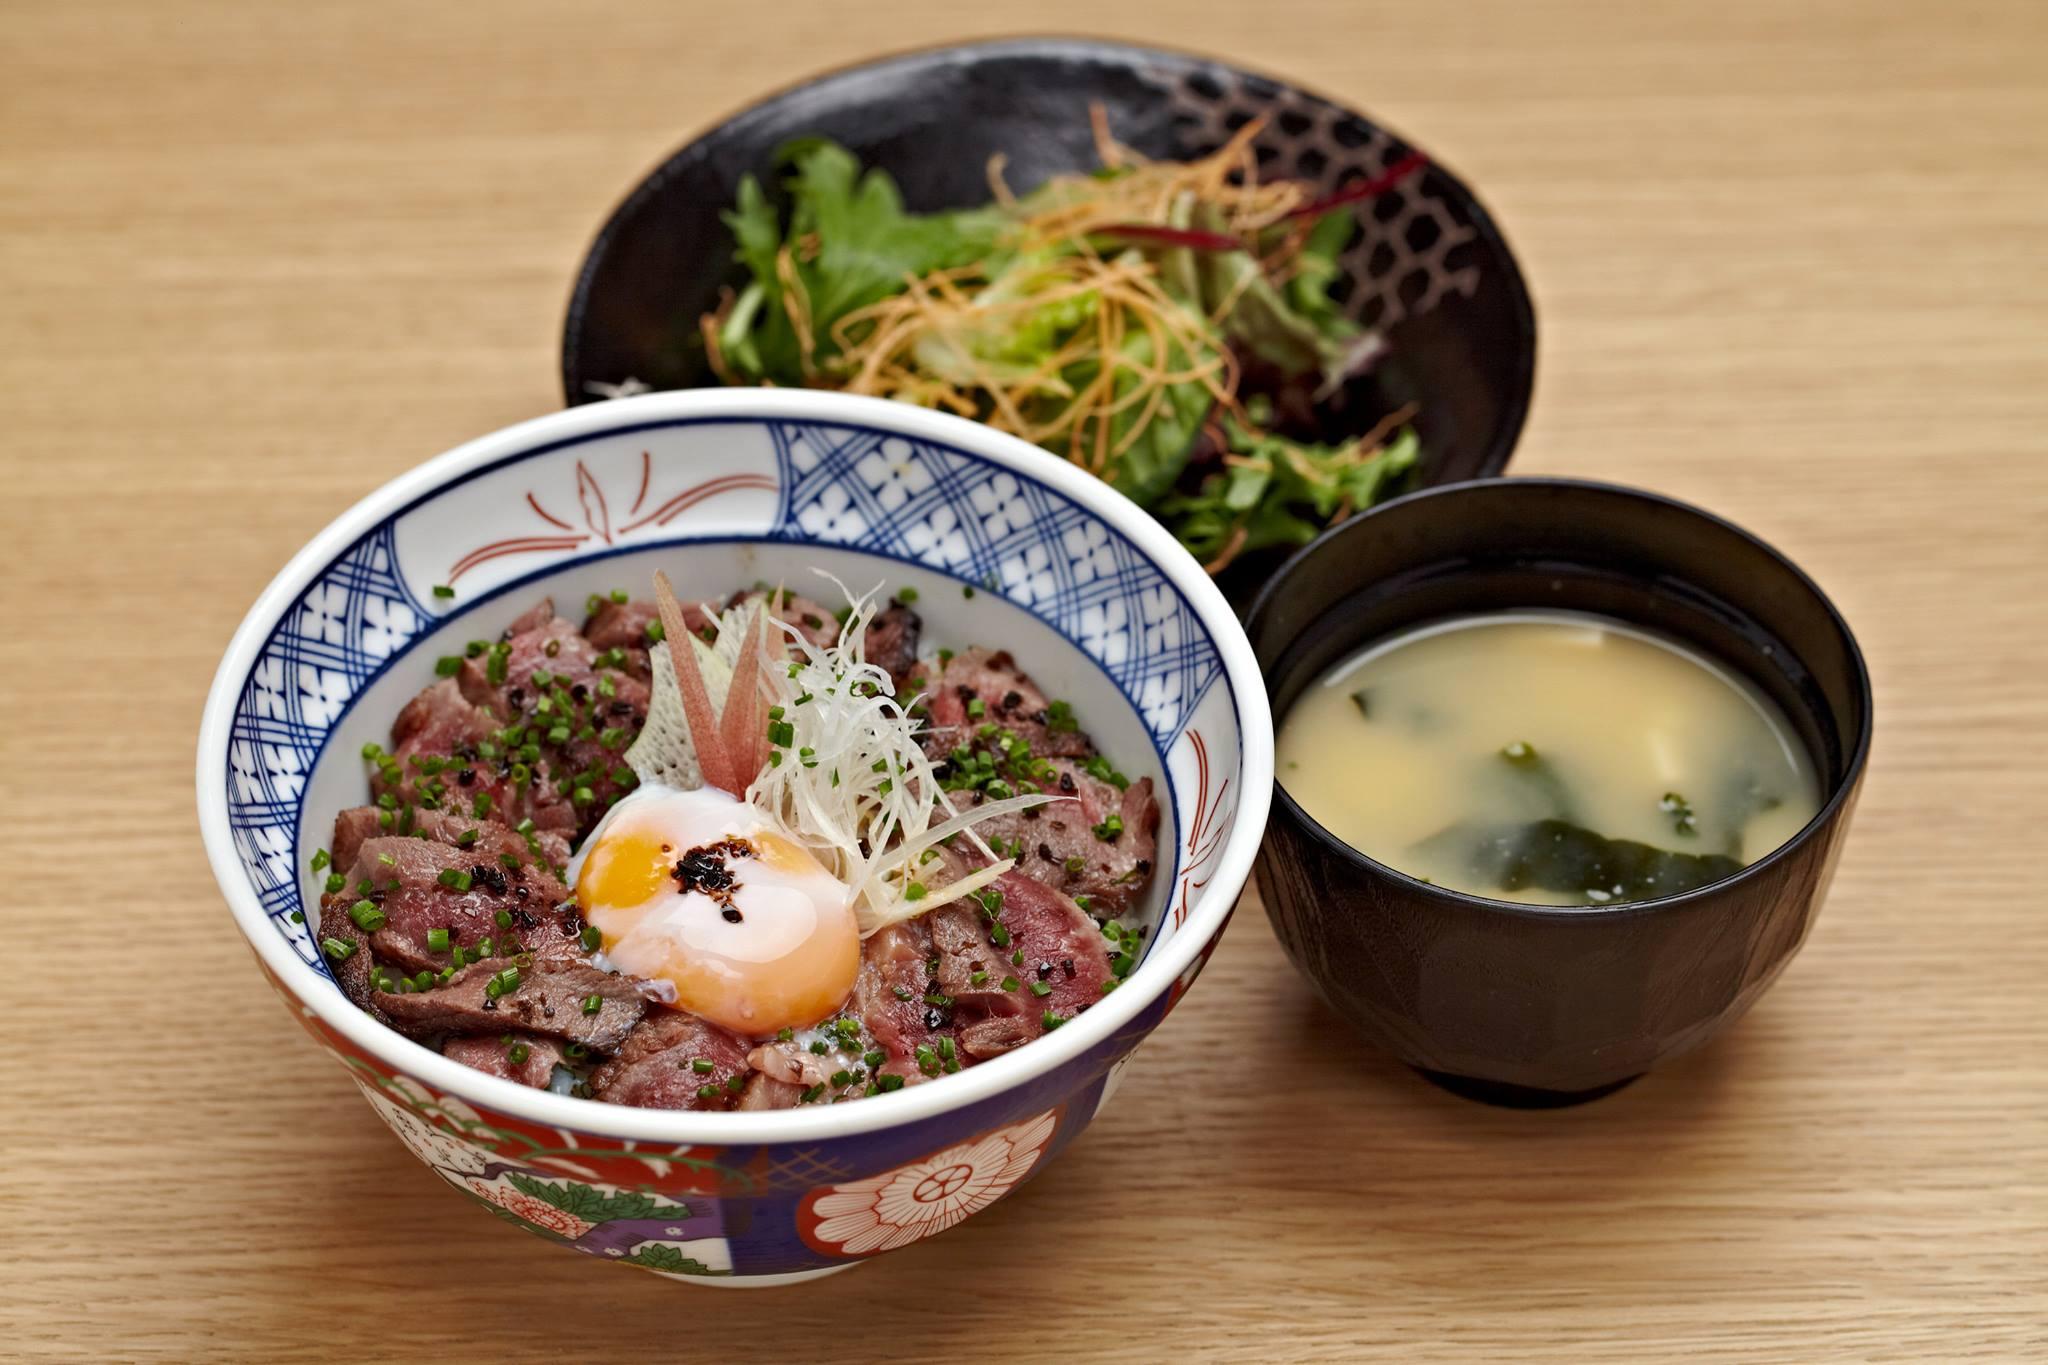 sukiyaki tei london sukiyaki sukiyaki 02 sukiyaki 03 tempra sukiyaki ...